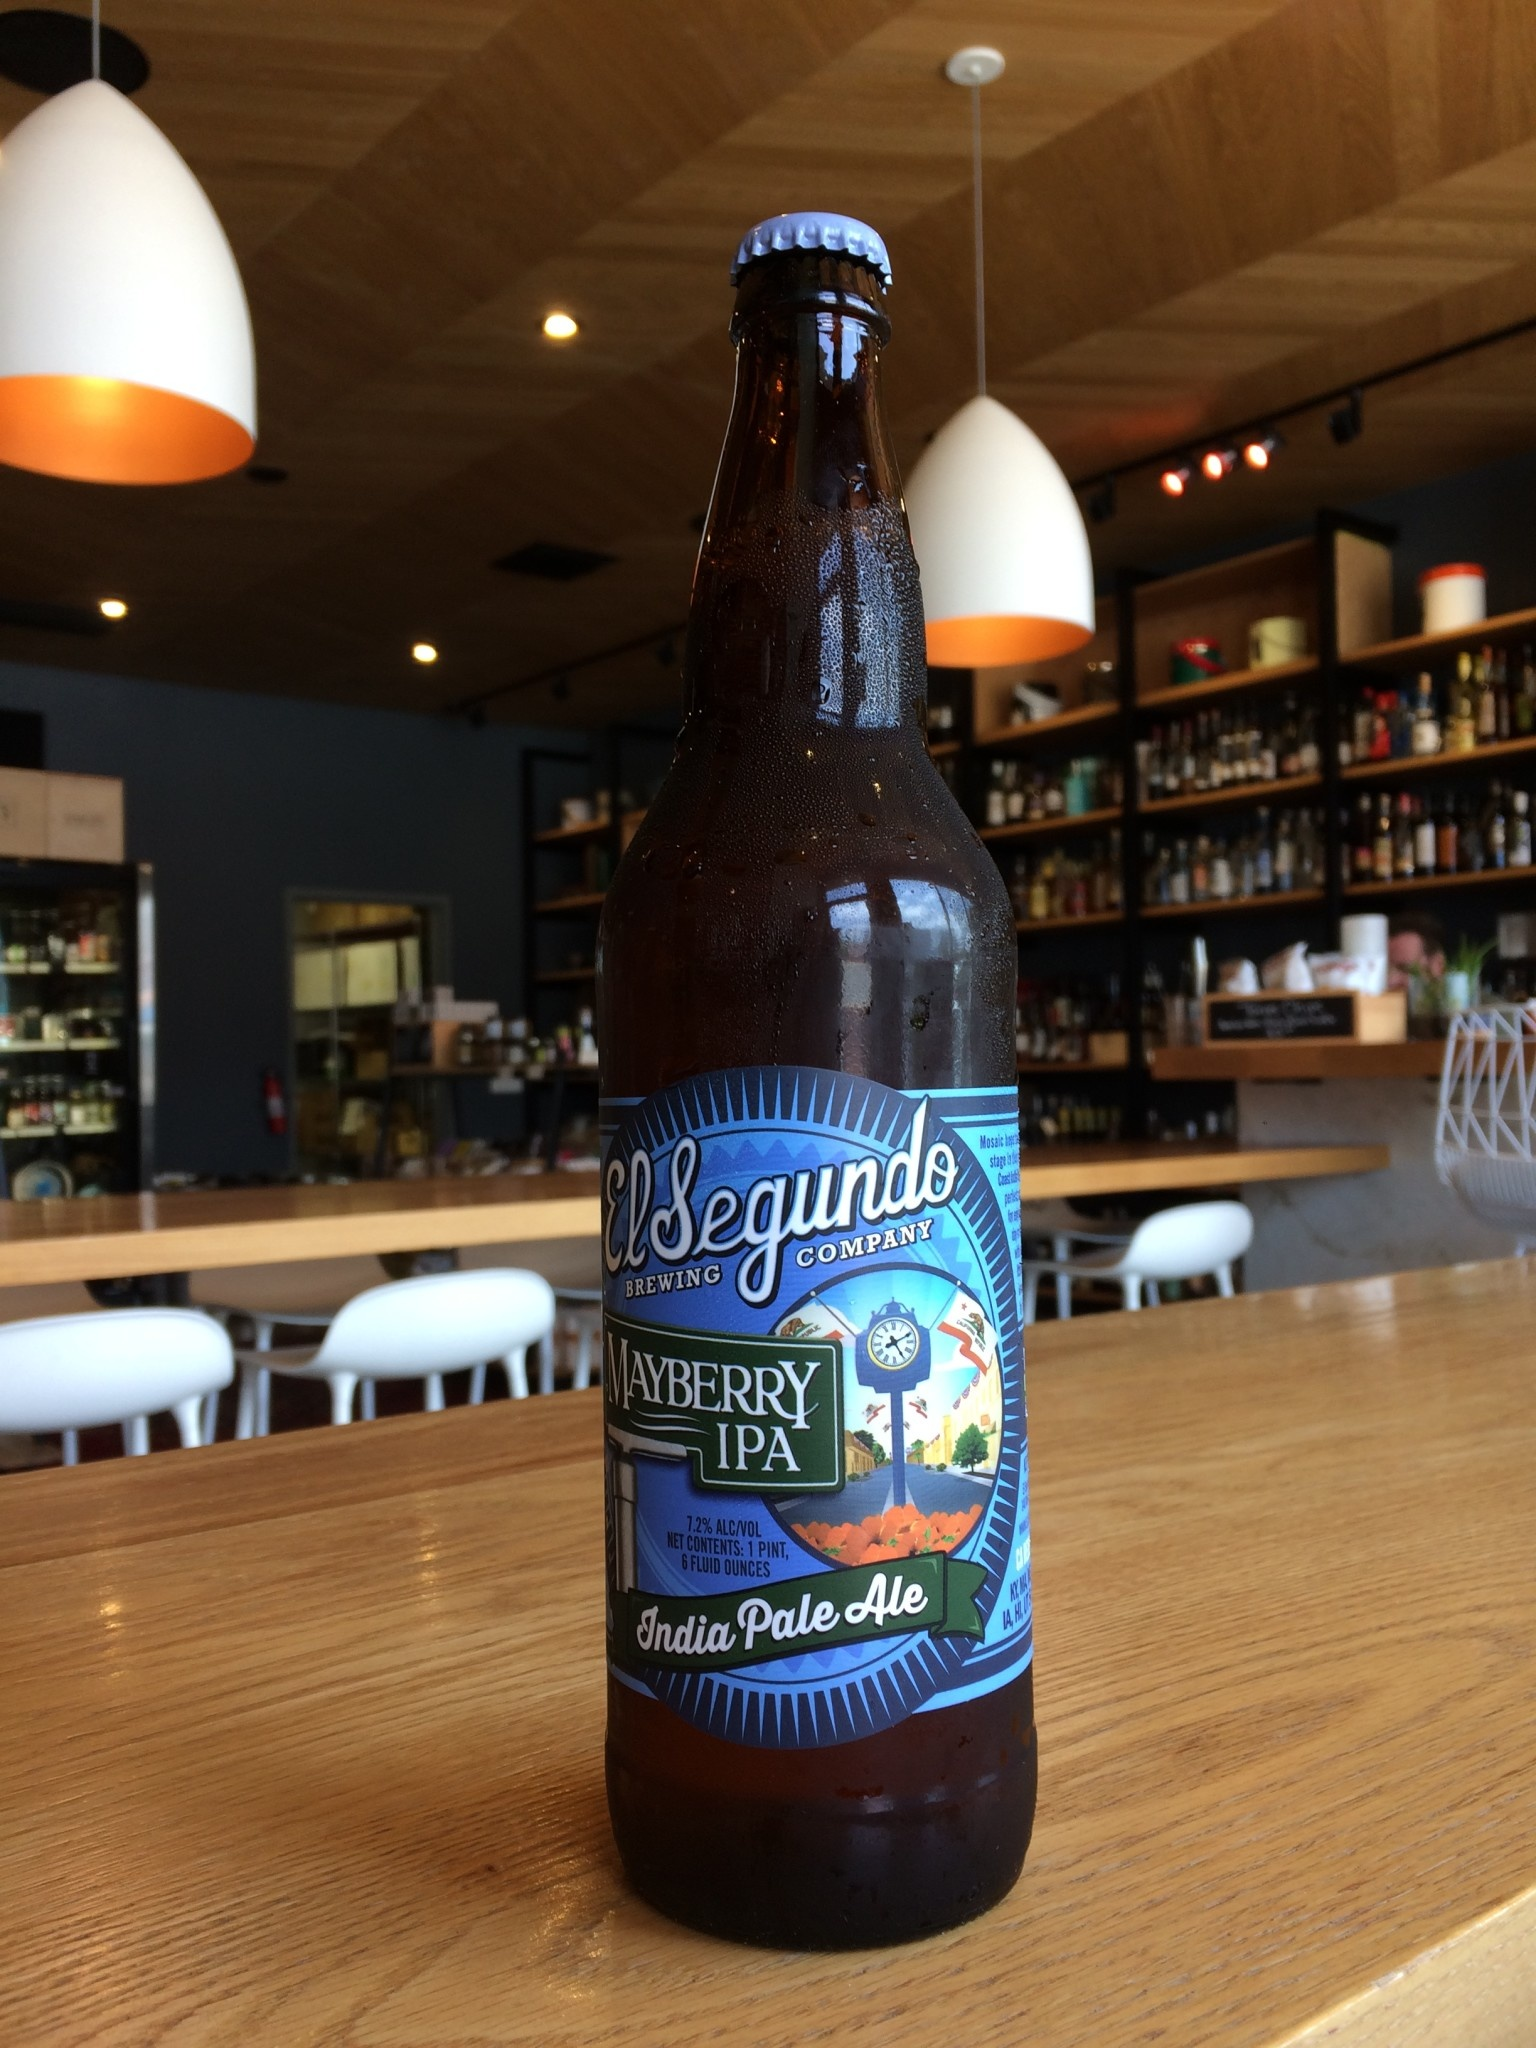 El Segundo Brewing Company El Segundo Brewing Co. Mayberry IPA 22oz